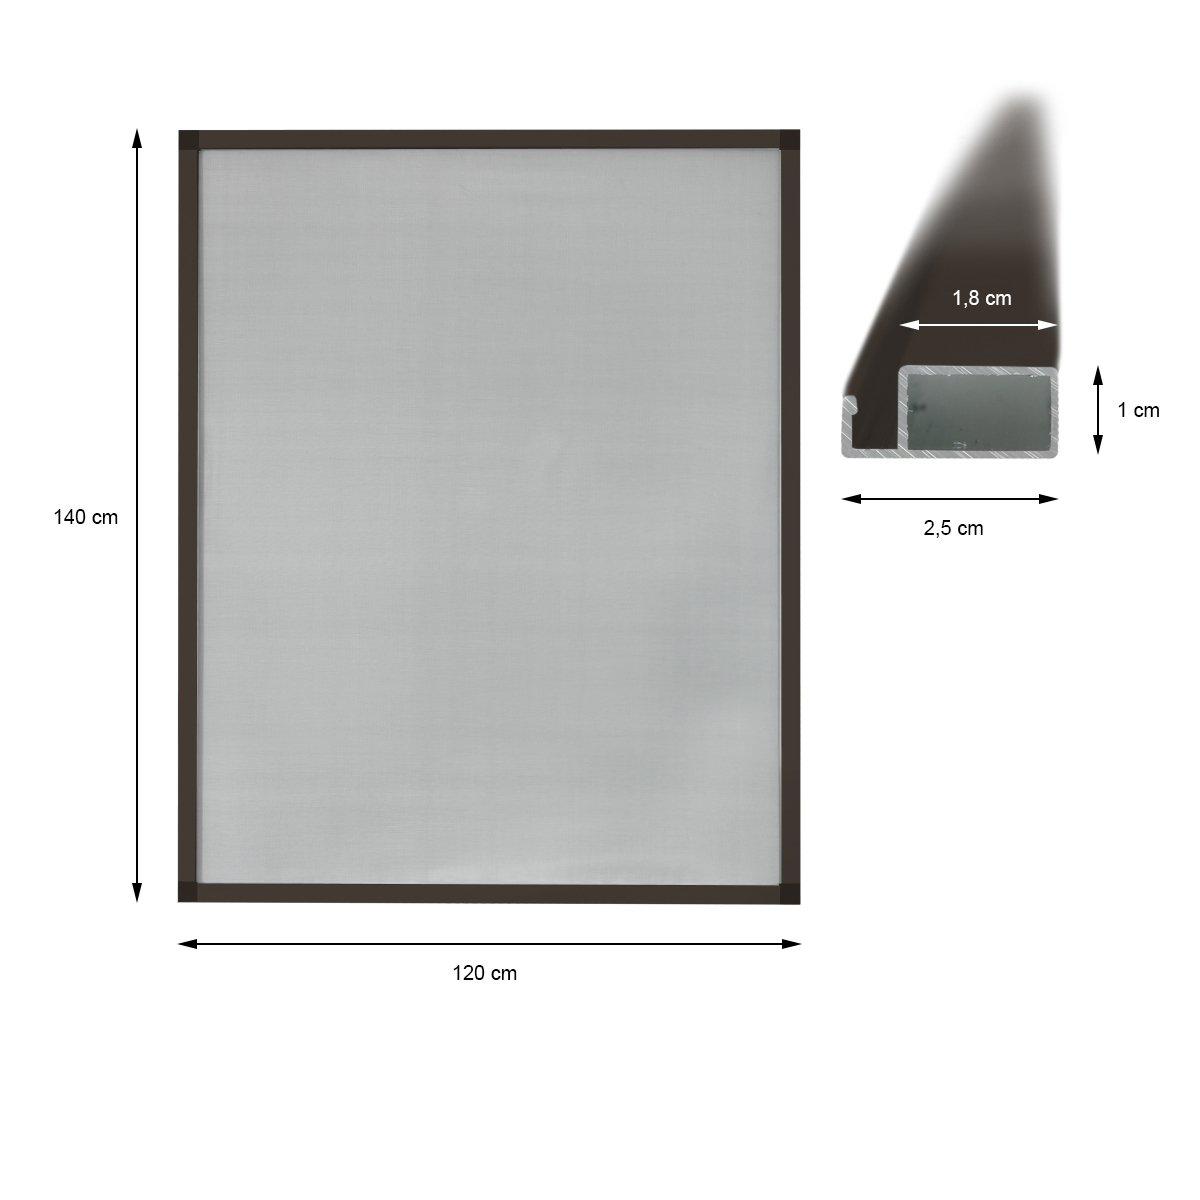 ECD Germany 5-er Pack Fliegengitter mit mit mit Rahmen aus Aluminium - wetterfestes Moskitonetz aus Fiberglasgewebe für Fenster - 120x140 - weiß Anthrazit B01J7Z2SXA Seitenzug- & Springrollos 2255bf